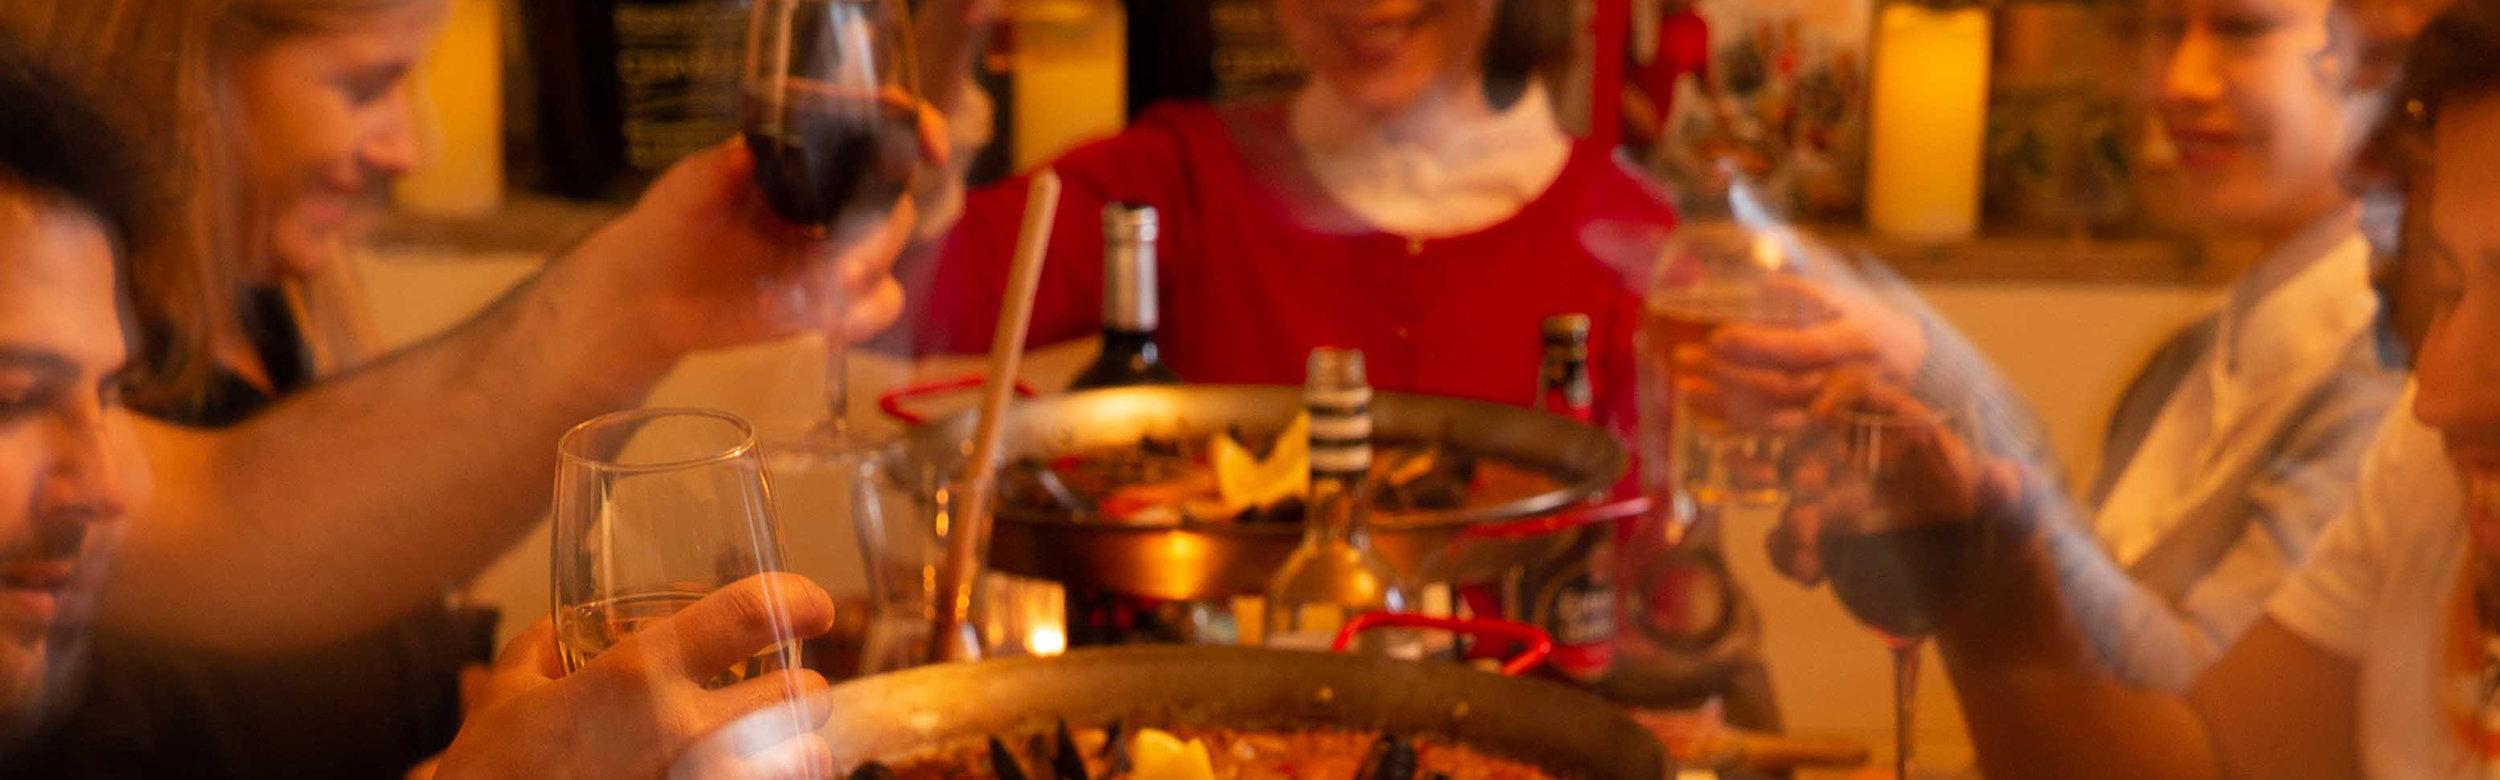 fiesta-people.jpg